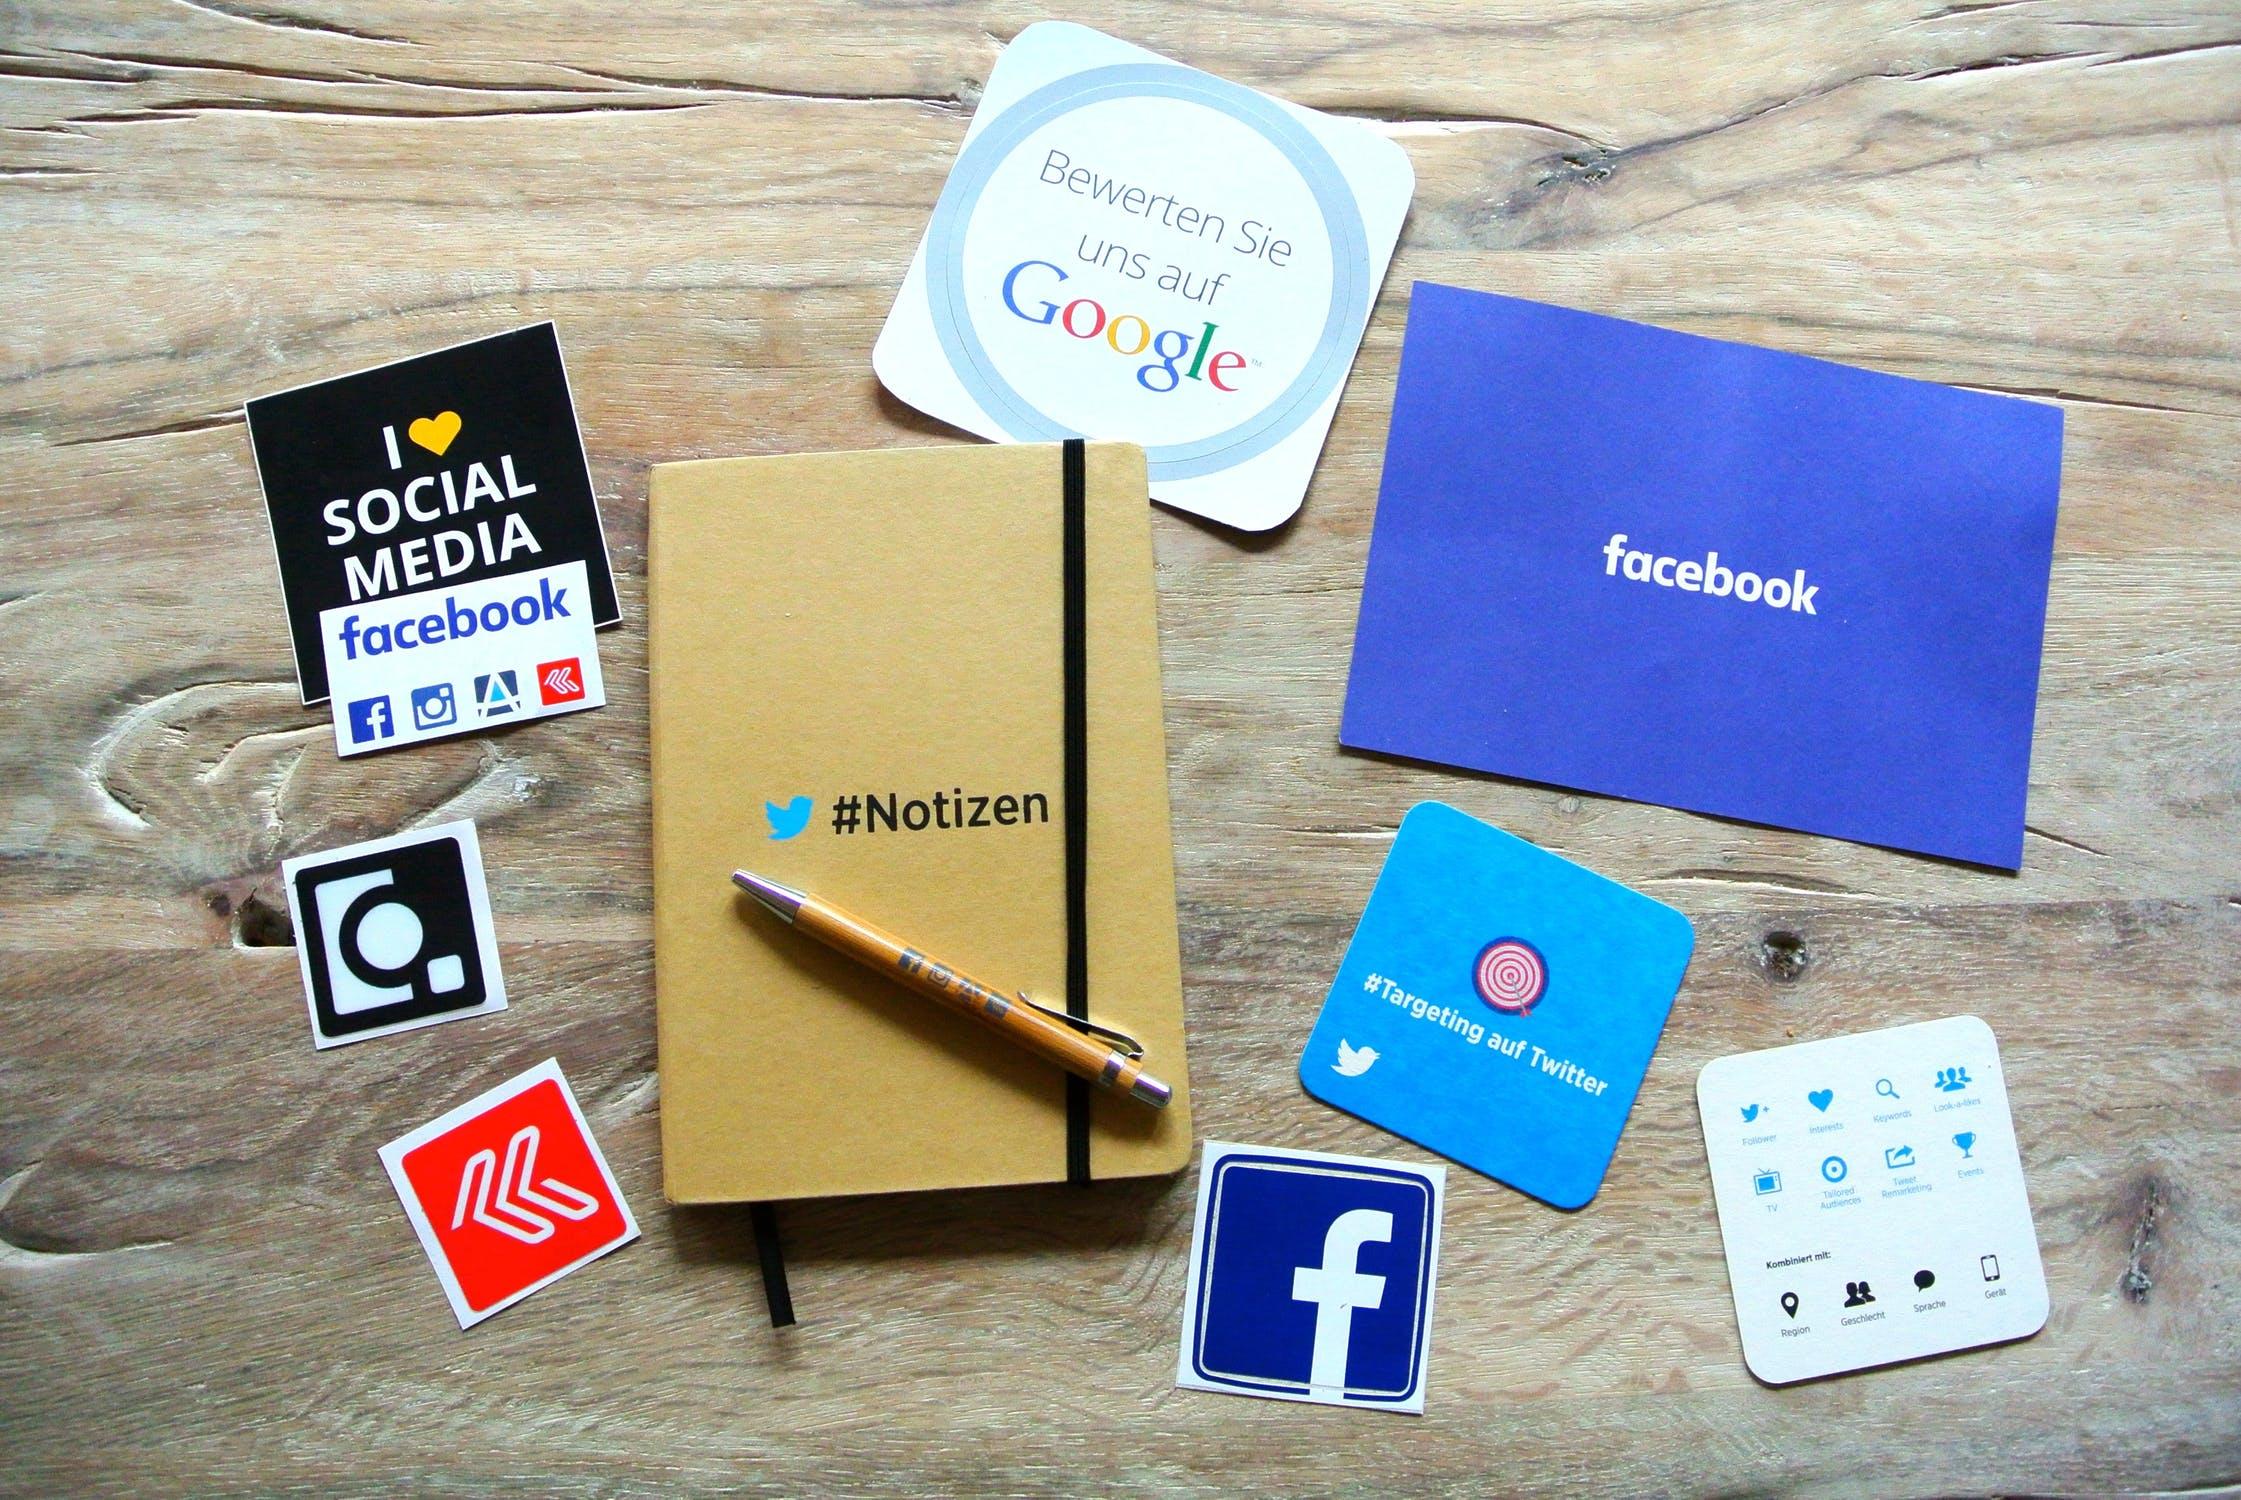 Social Media Marketing:  Sie haben jetzt ein cooles Video – und nun? Wir finden die geeigneten Kanäle für eine optimale Integration Ihrer Inhalte. Damit Ihr neues Video auch dort ankommt, wo es hingehört – im Feed Ihrer Auszubildenden von Morgen.